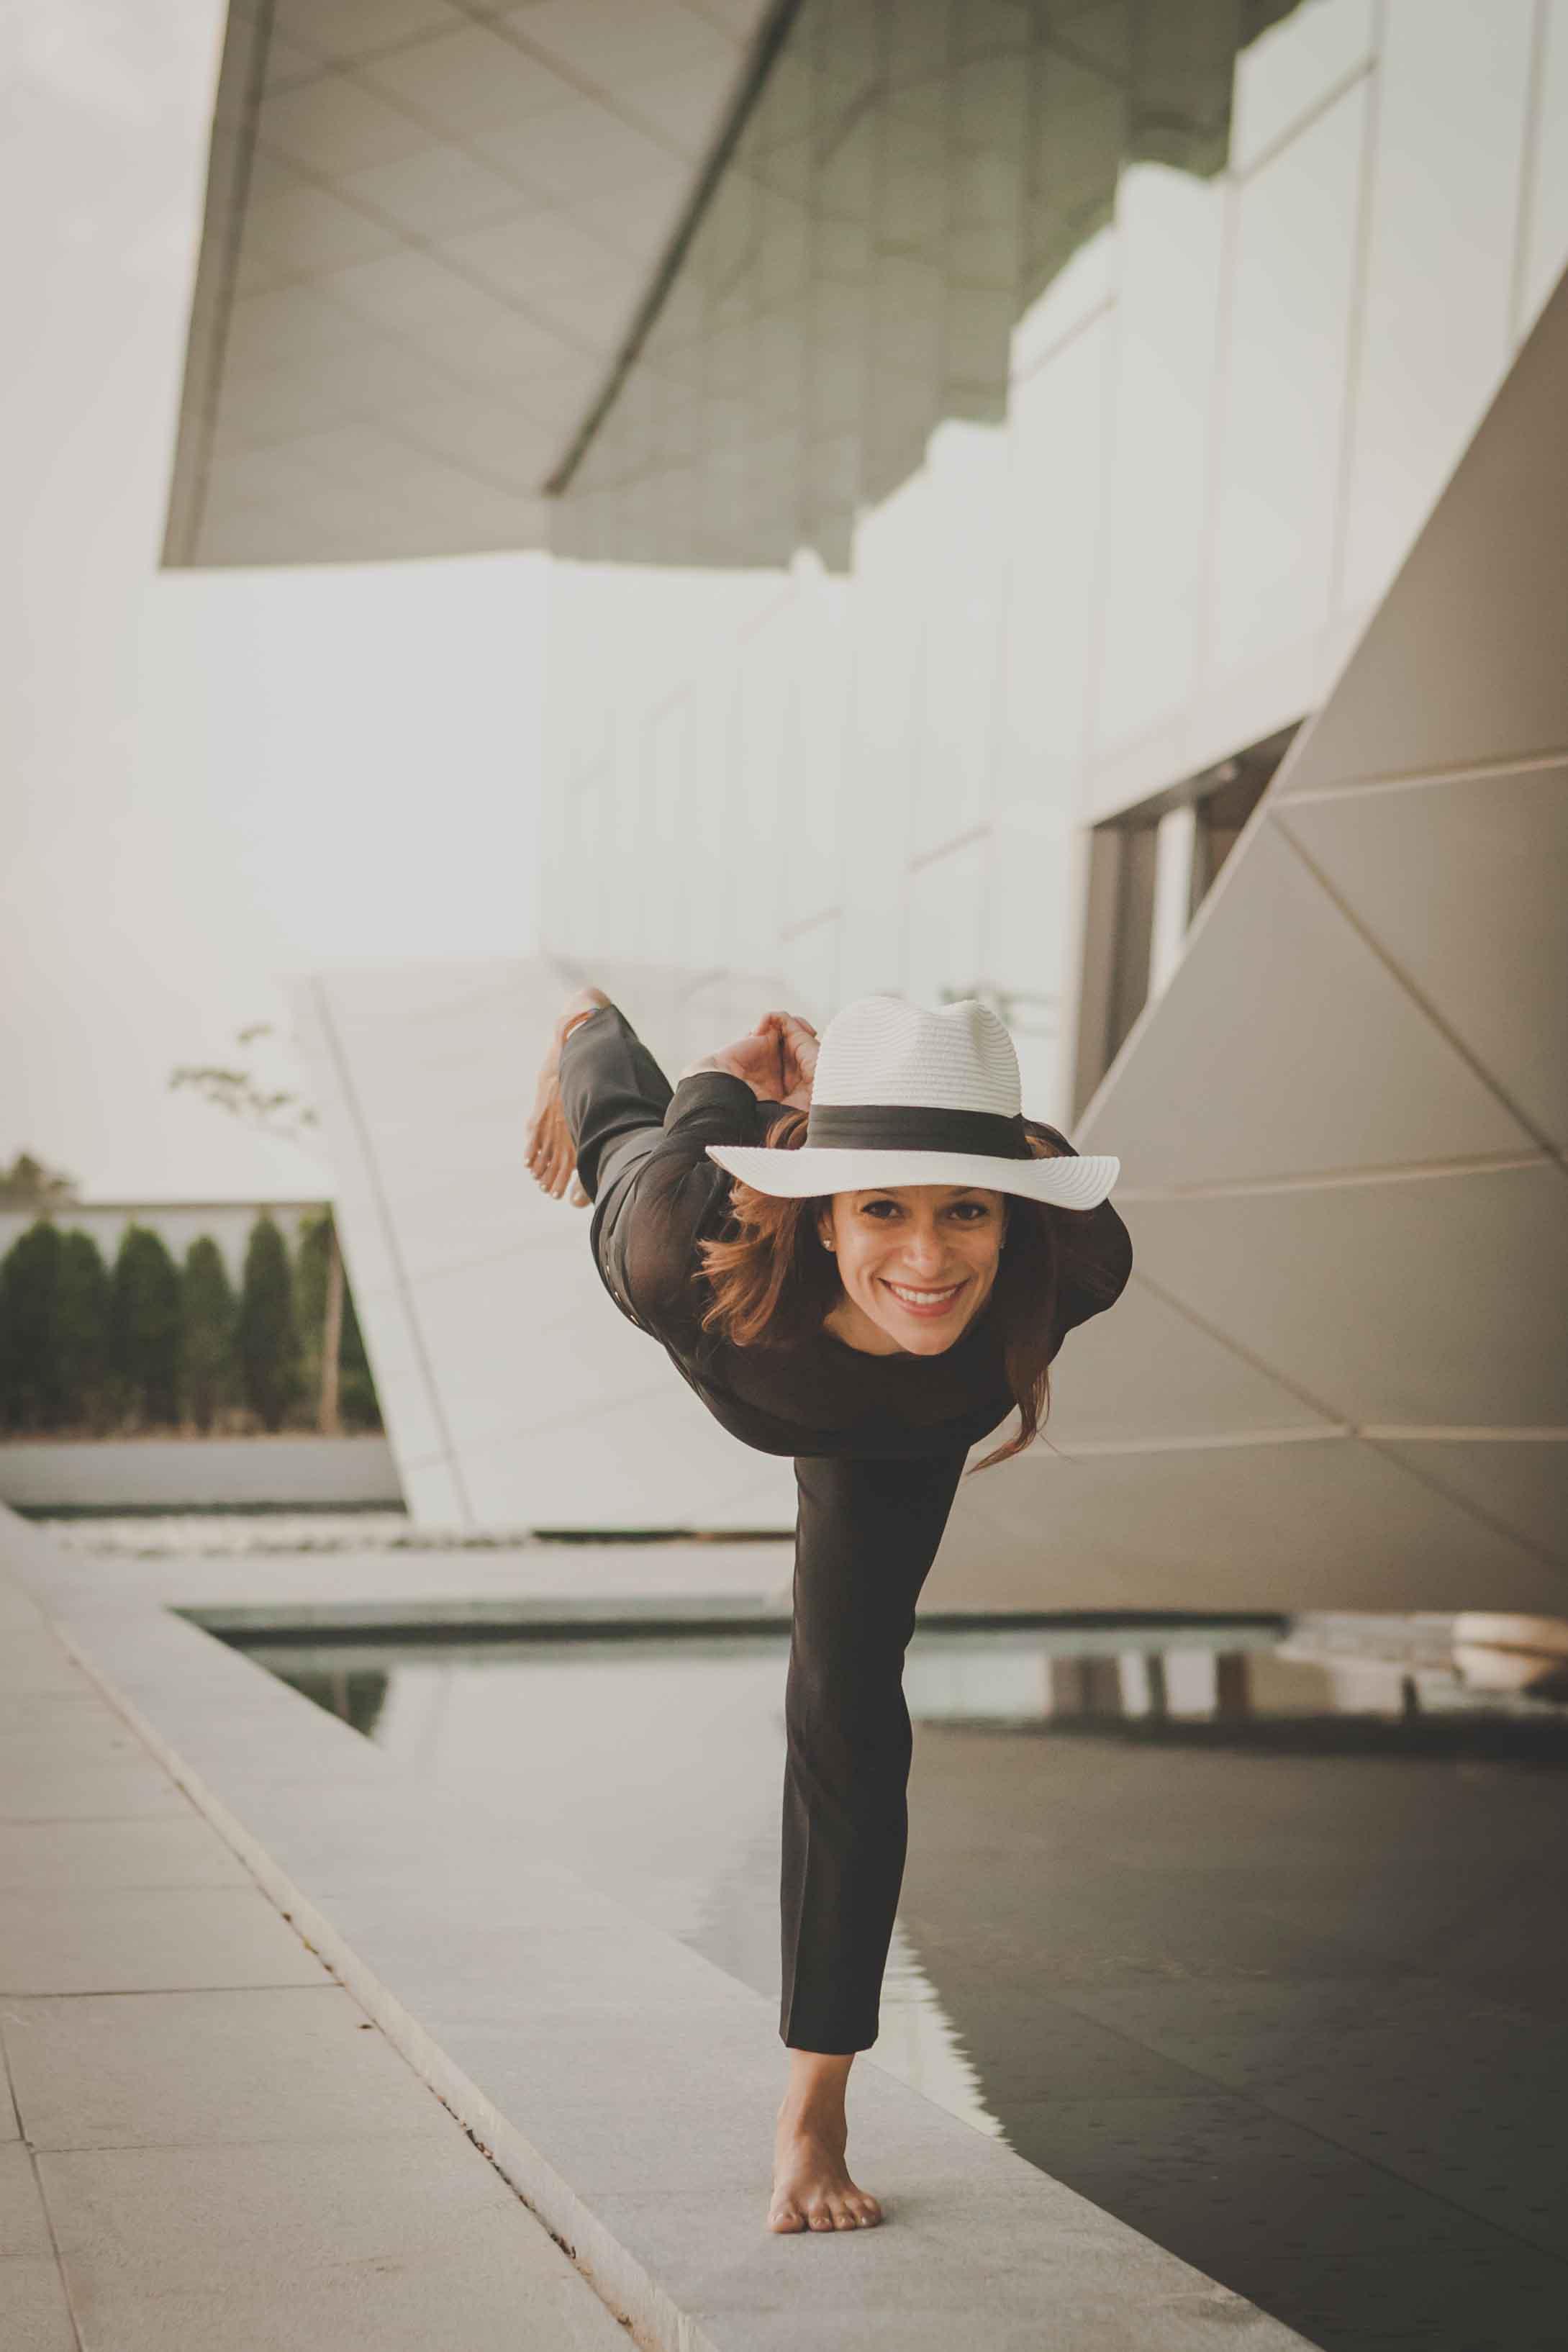 mylene yoga etihad-8518.jpg